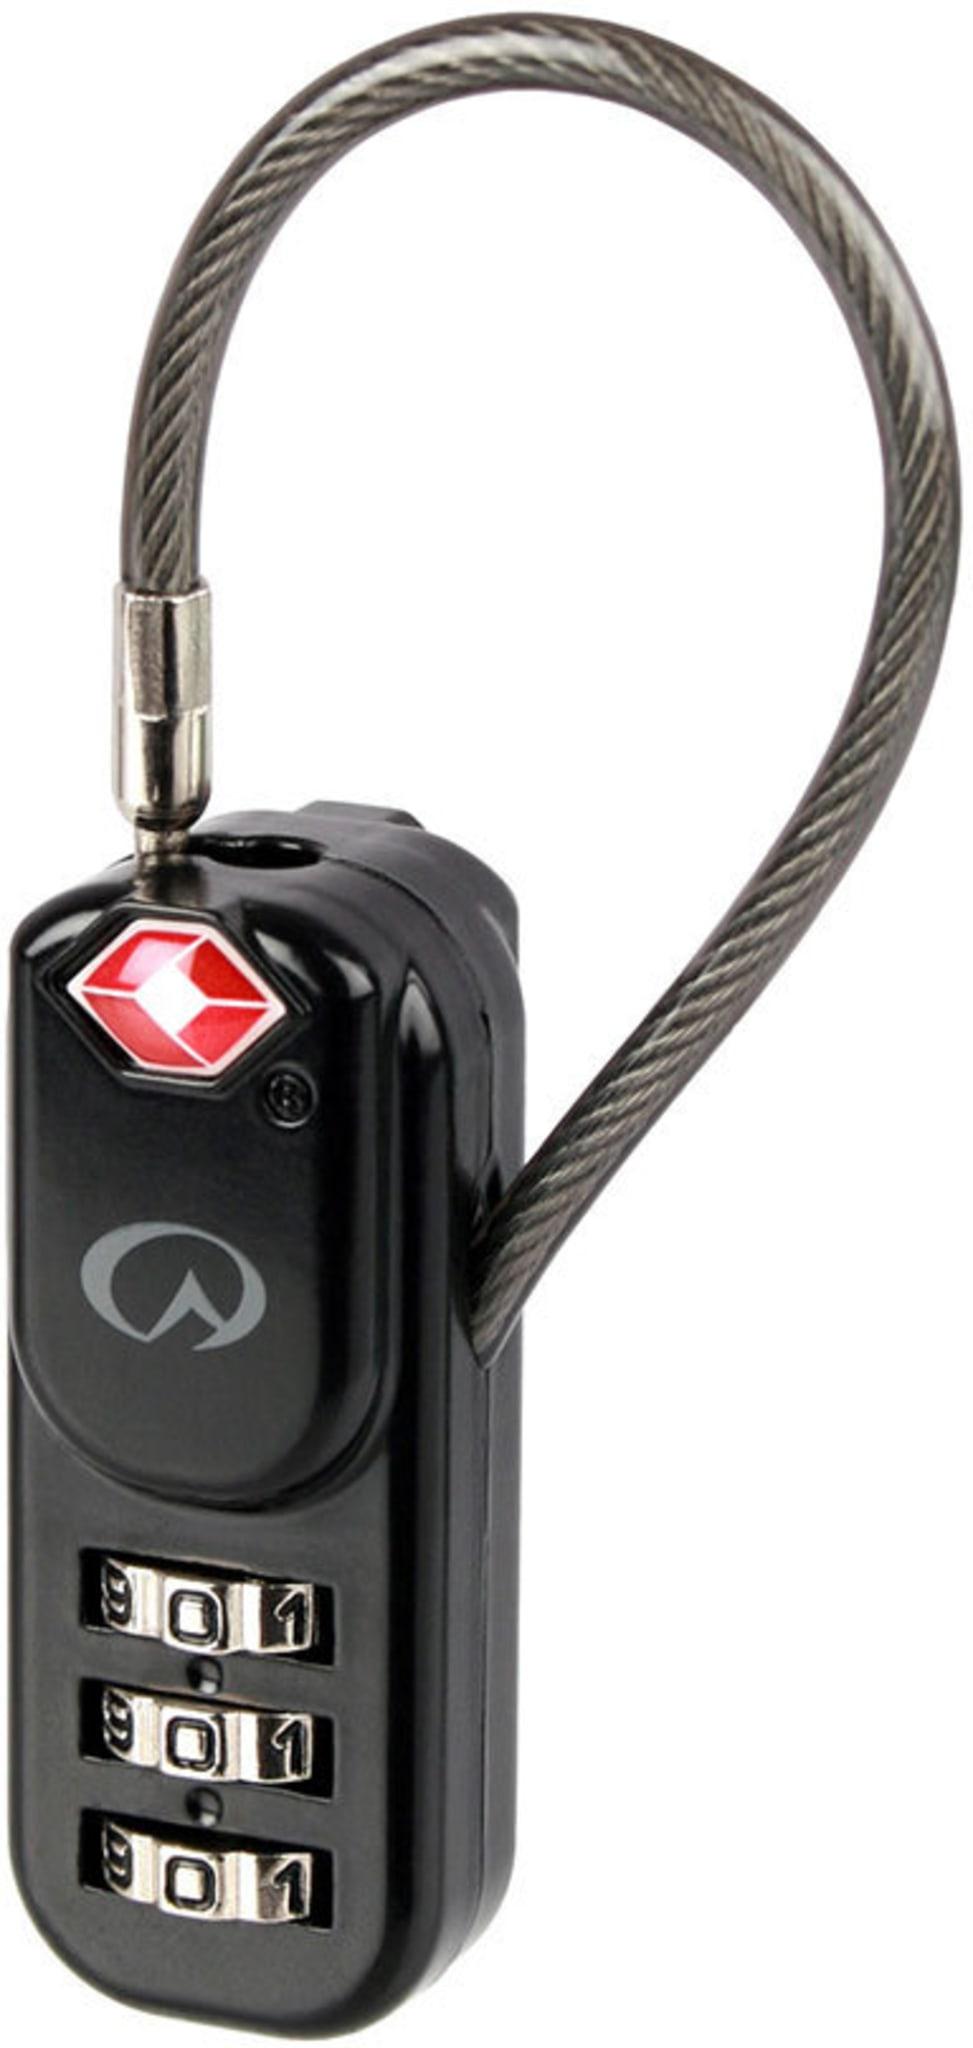 Kodelås for å enkelt låse glidelåser på all bagasje